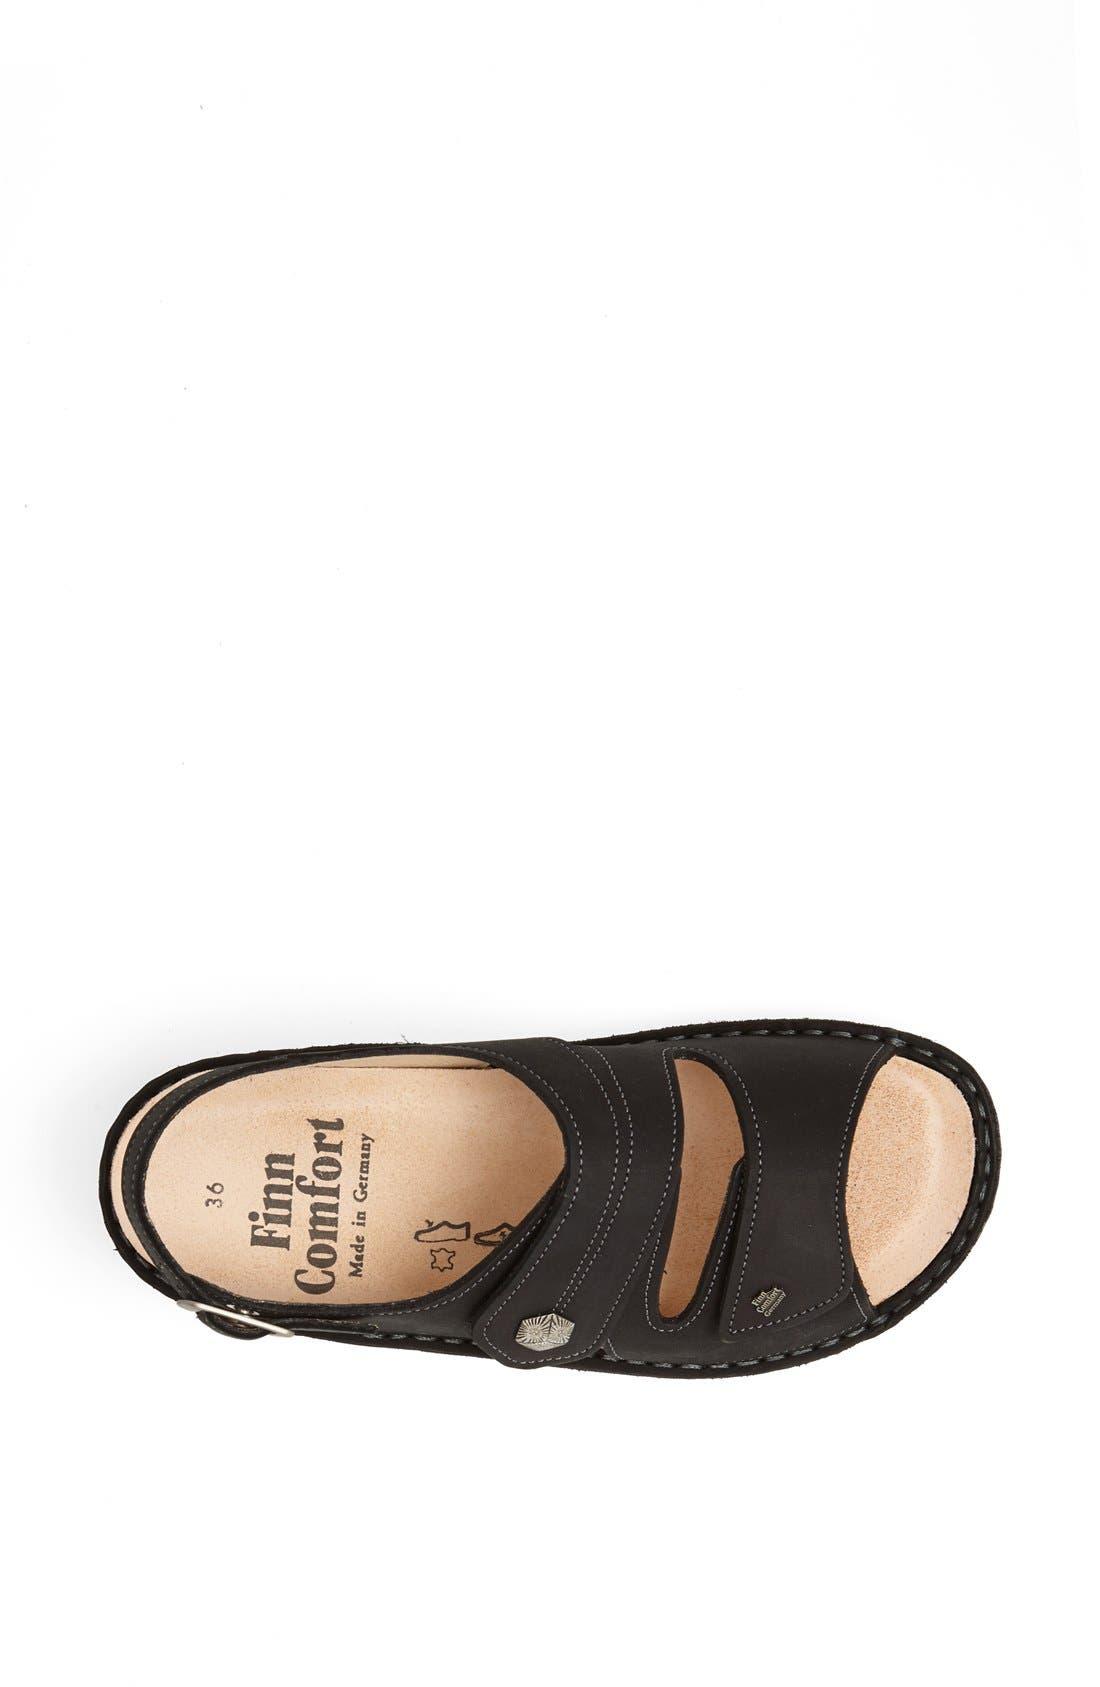 Alternate Image 3  - Finn Comfort 'Sparks' Sandal